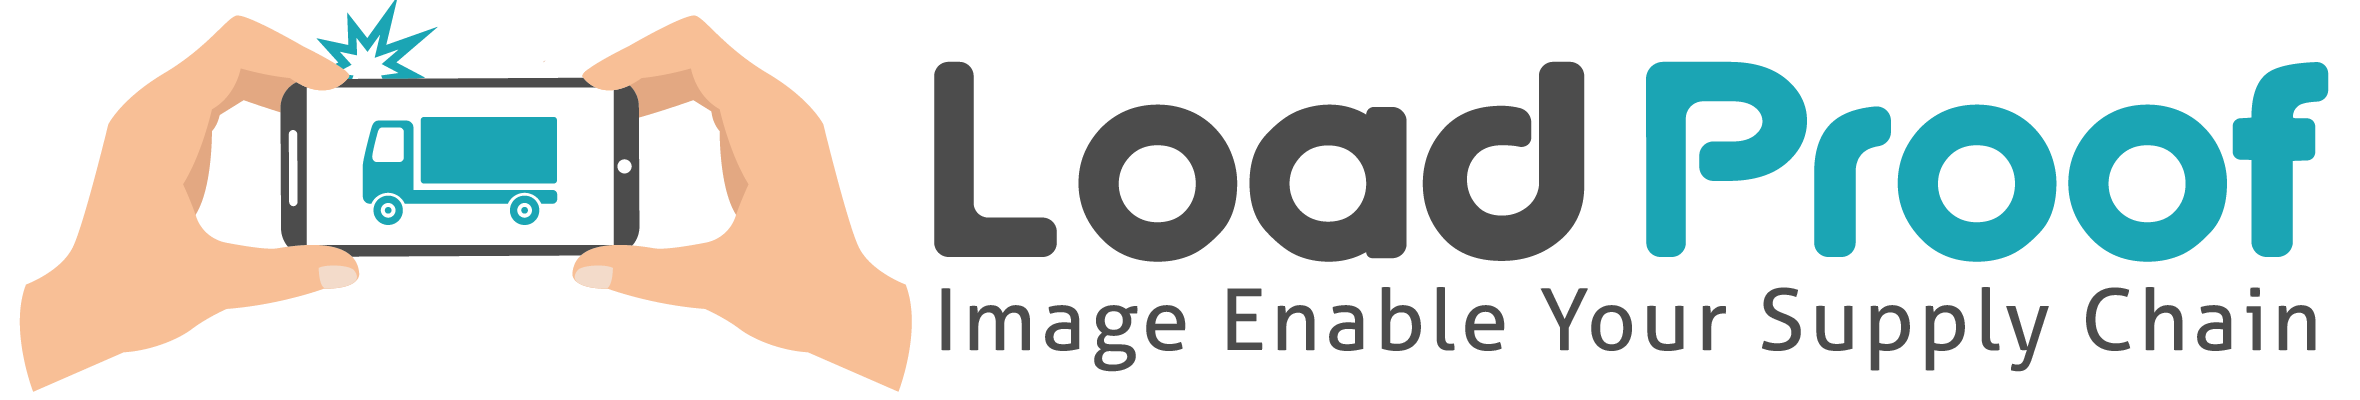 LoadProof